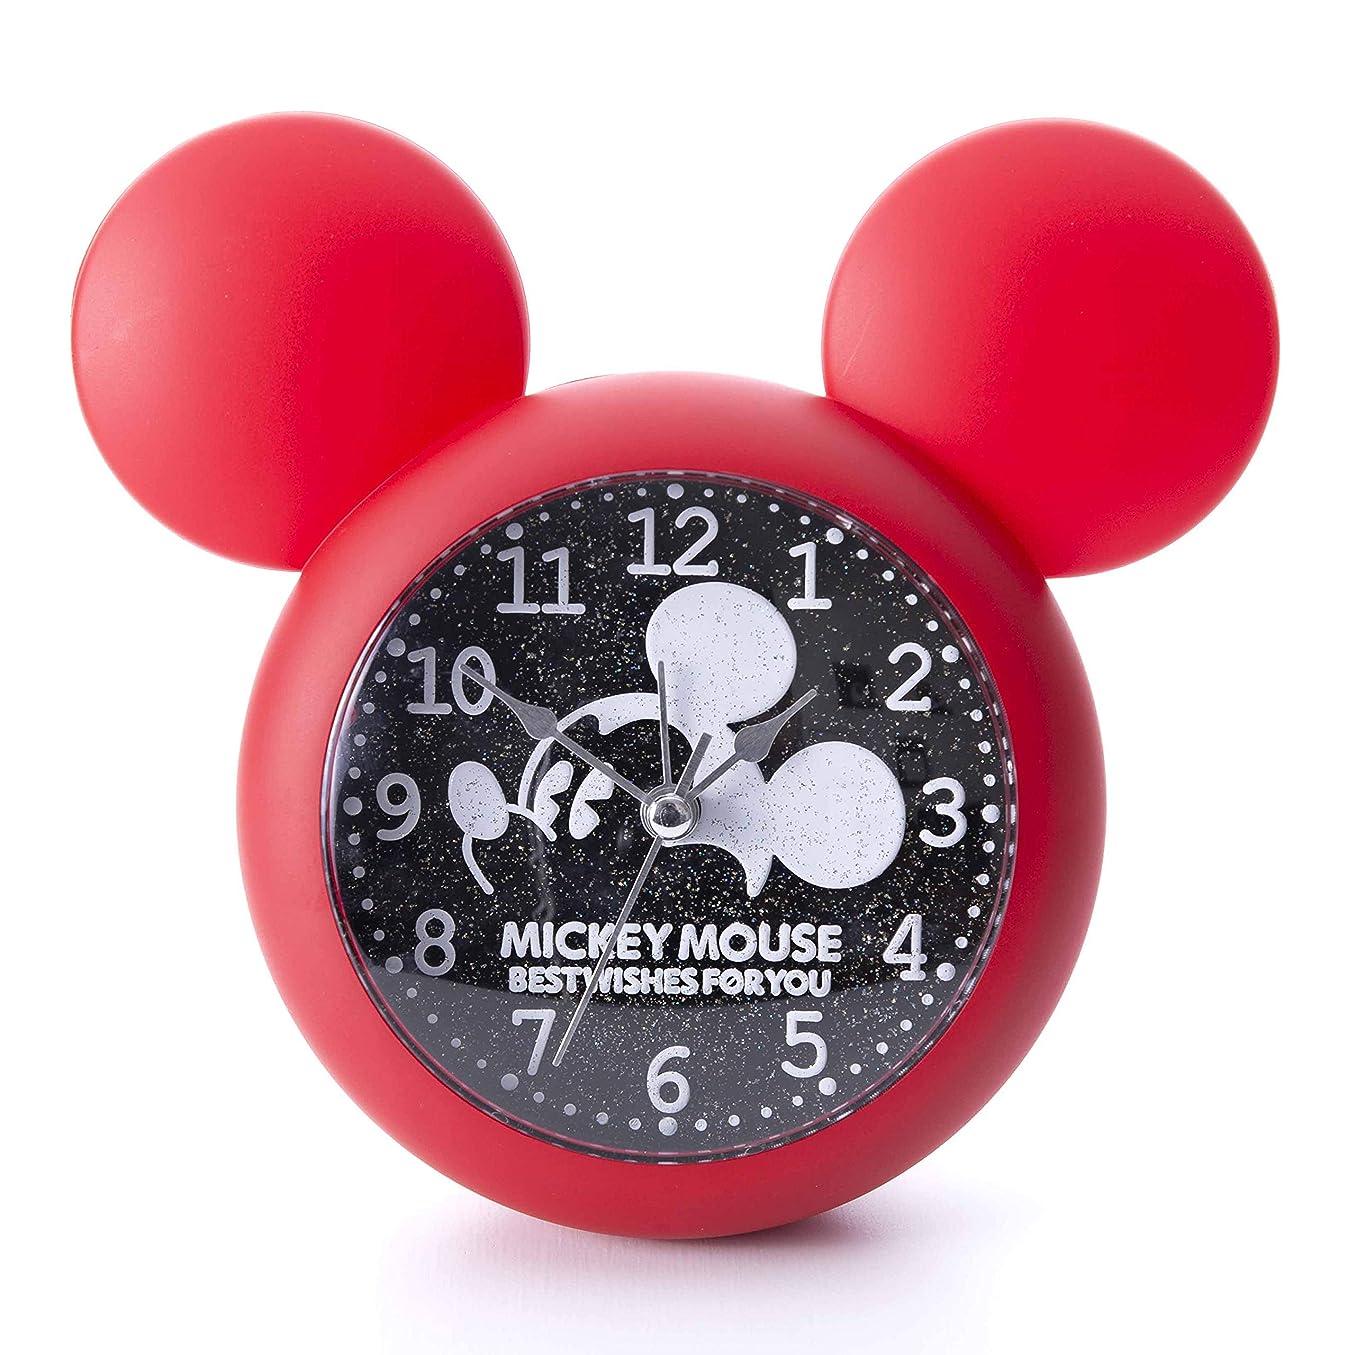 チャーター系統的舞い上がるディズニー キャラクター ミッキー マウス 置時計 壁 掛け時計 ウォールクロック アラーム ライト 付き 目覚まし 時計 (レッド)